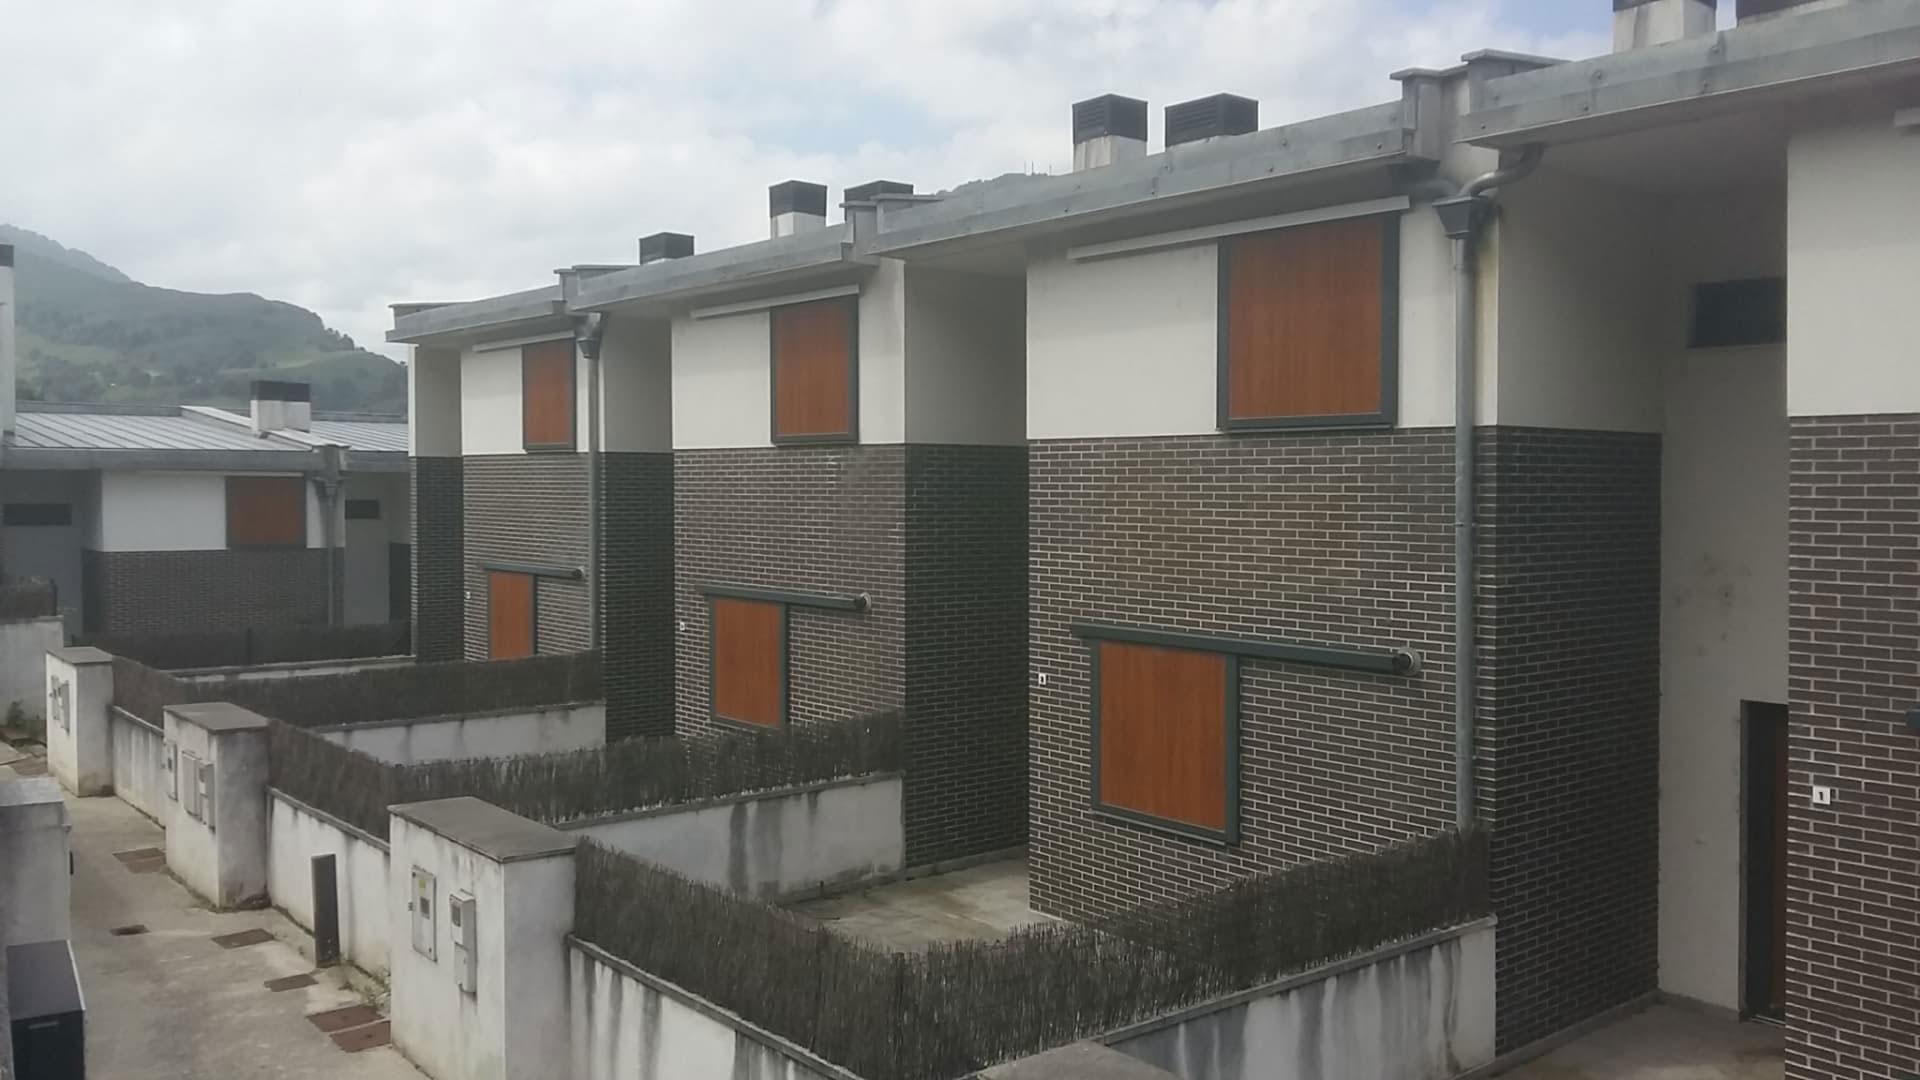 Casa en venta en Los Corrales de Buelna, Cantabria, Calle Puente Ranedo, 93.000 €, 3 habitaciones, 2 baños, 101 m2